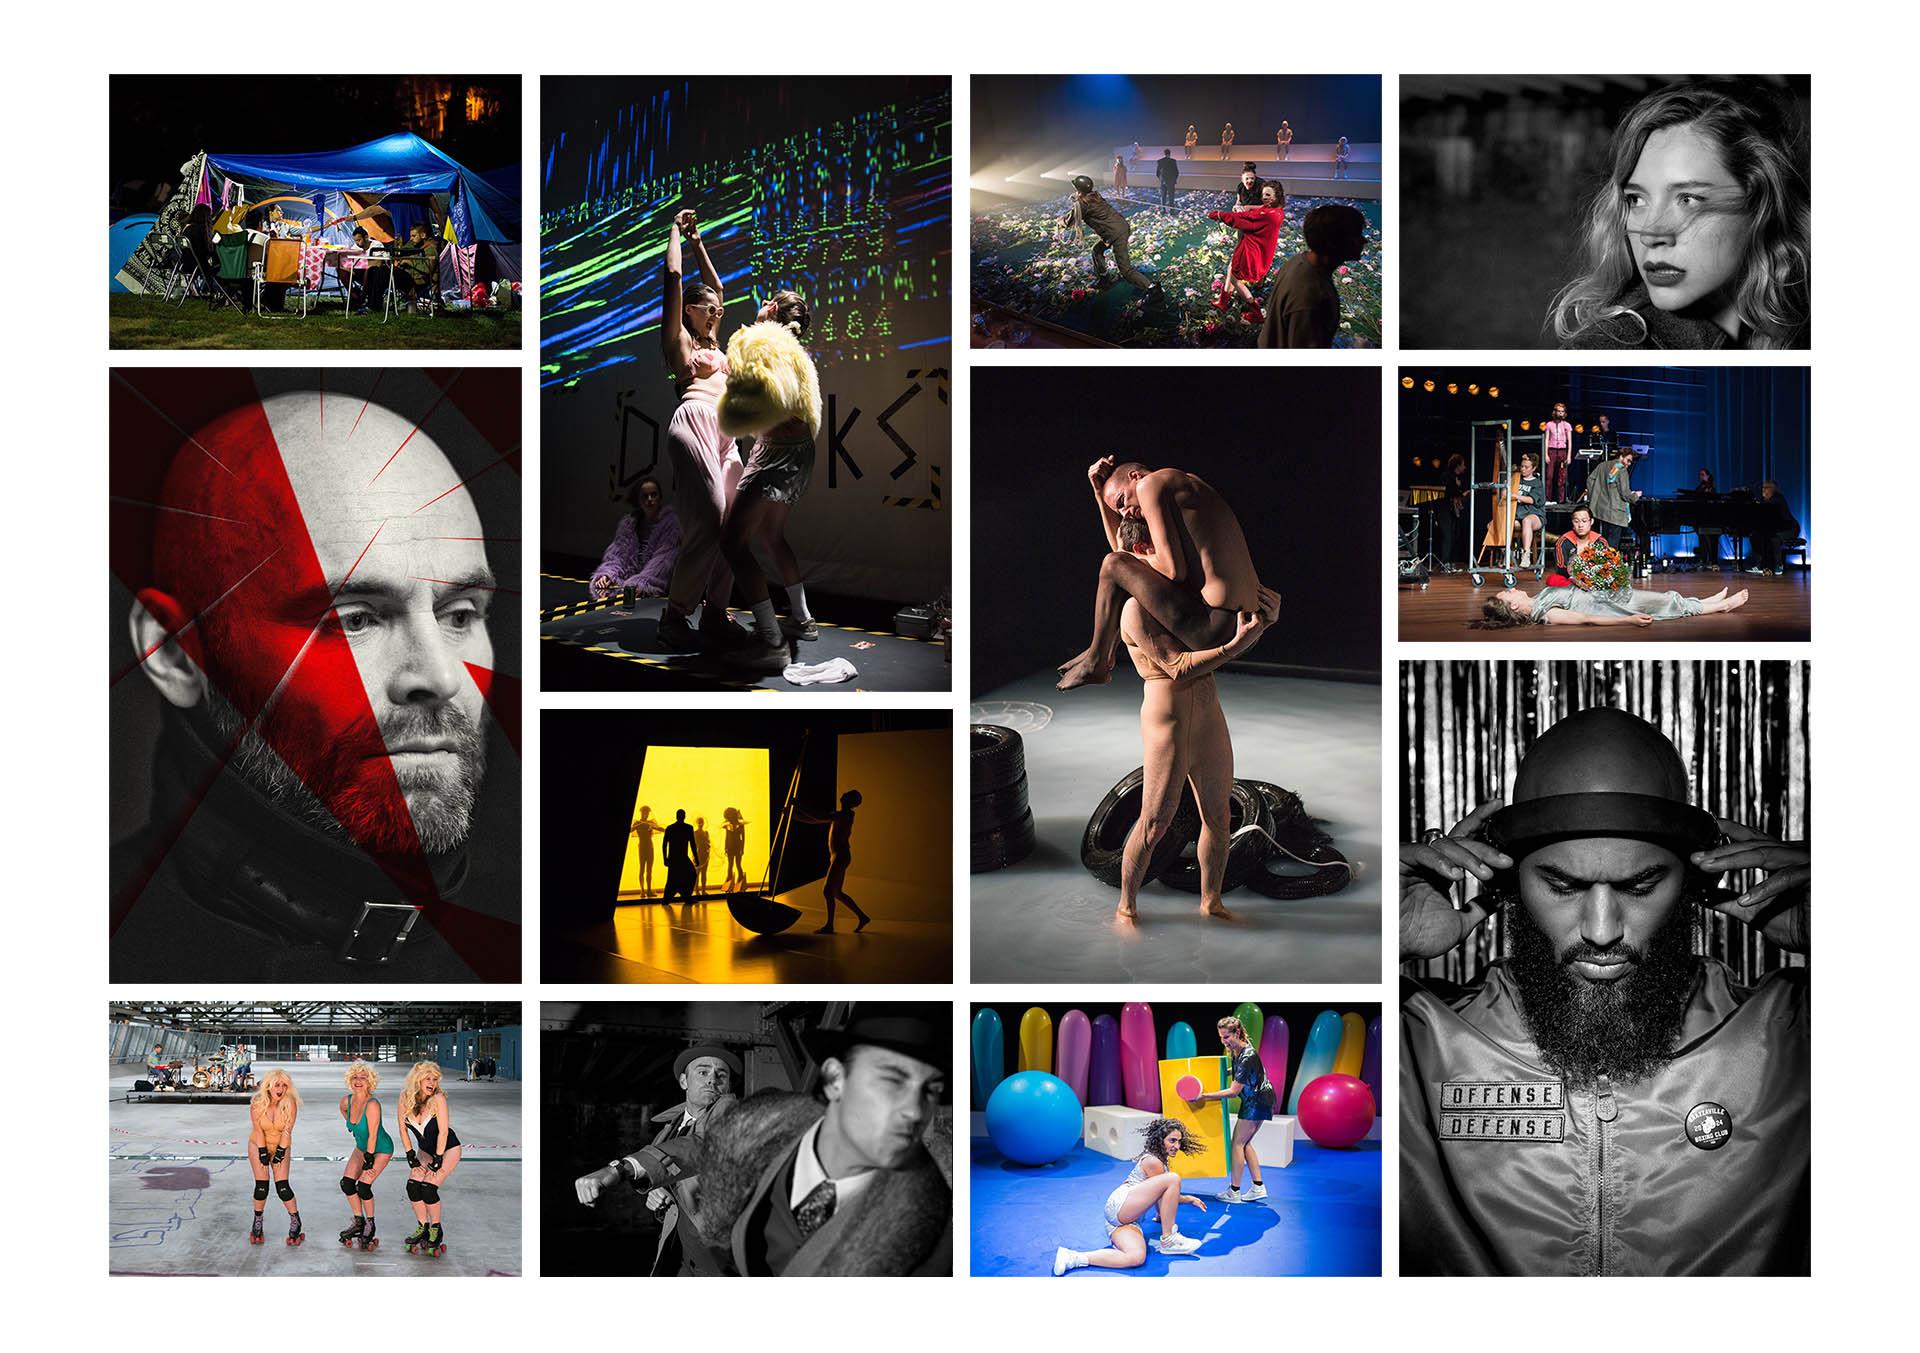 Robert van der Ree - Photography by Acting